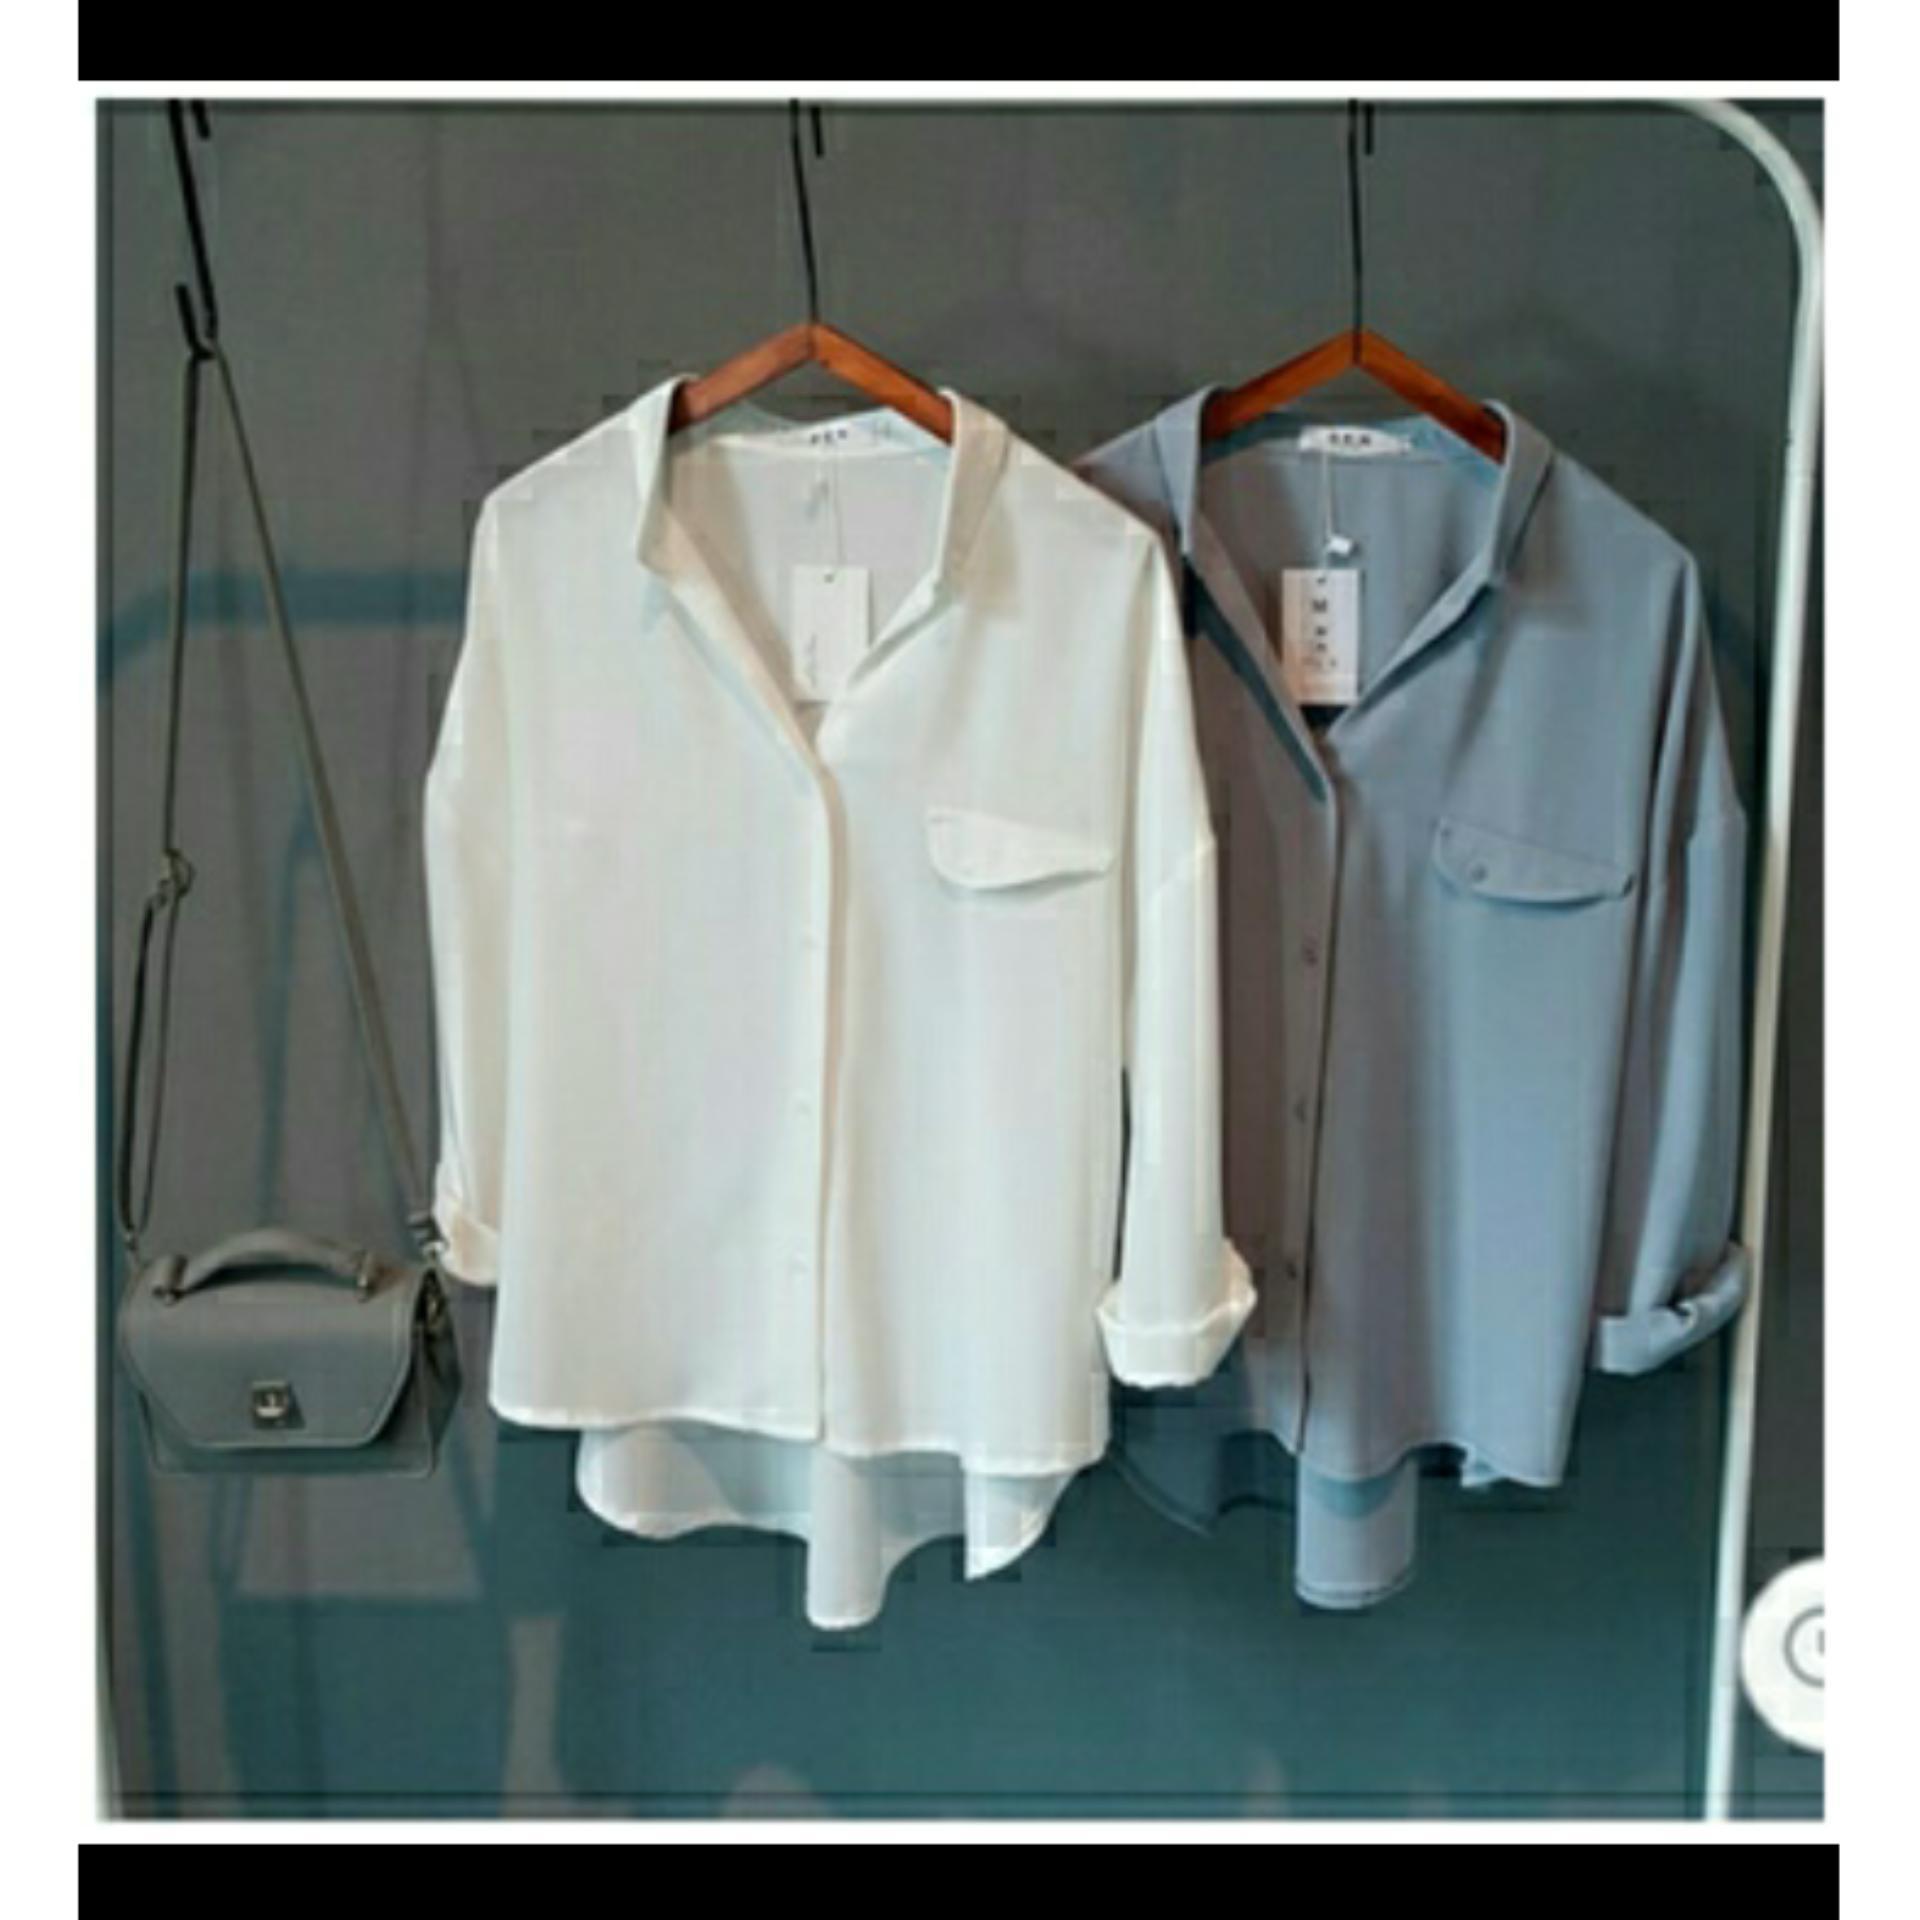 Jual baju atasan kerja murah garansi dan berkualitas  21cab34afb